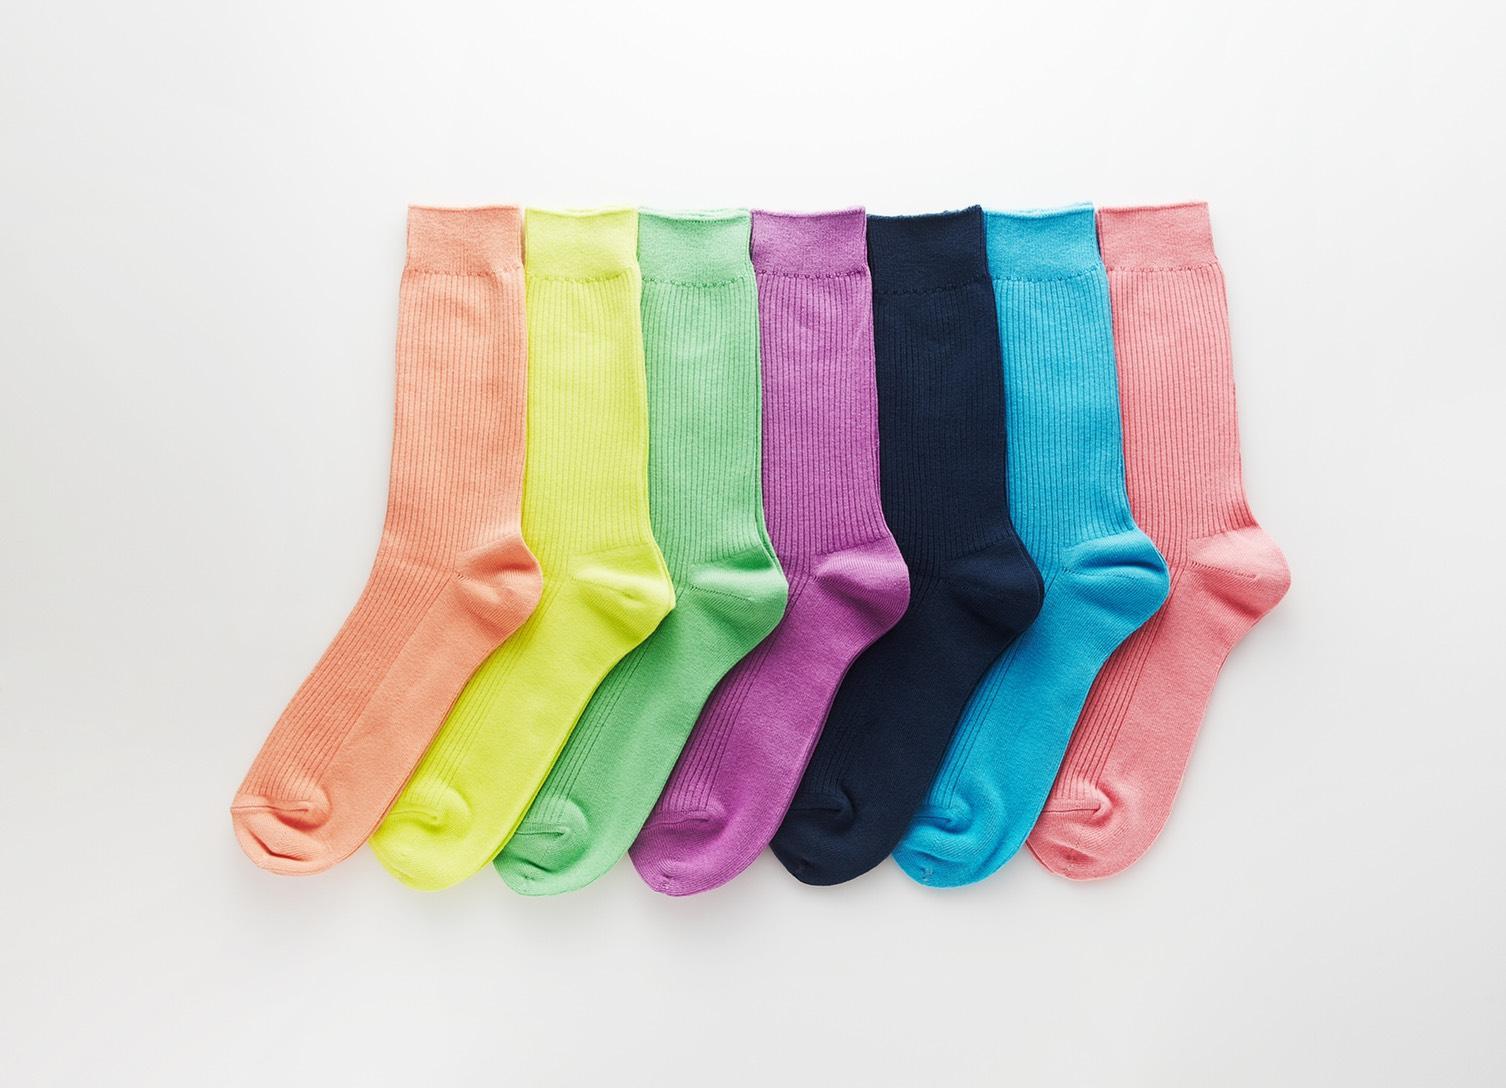 色違いの靴下が混ざってしまった画像